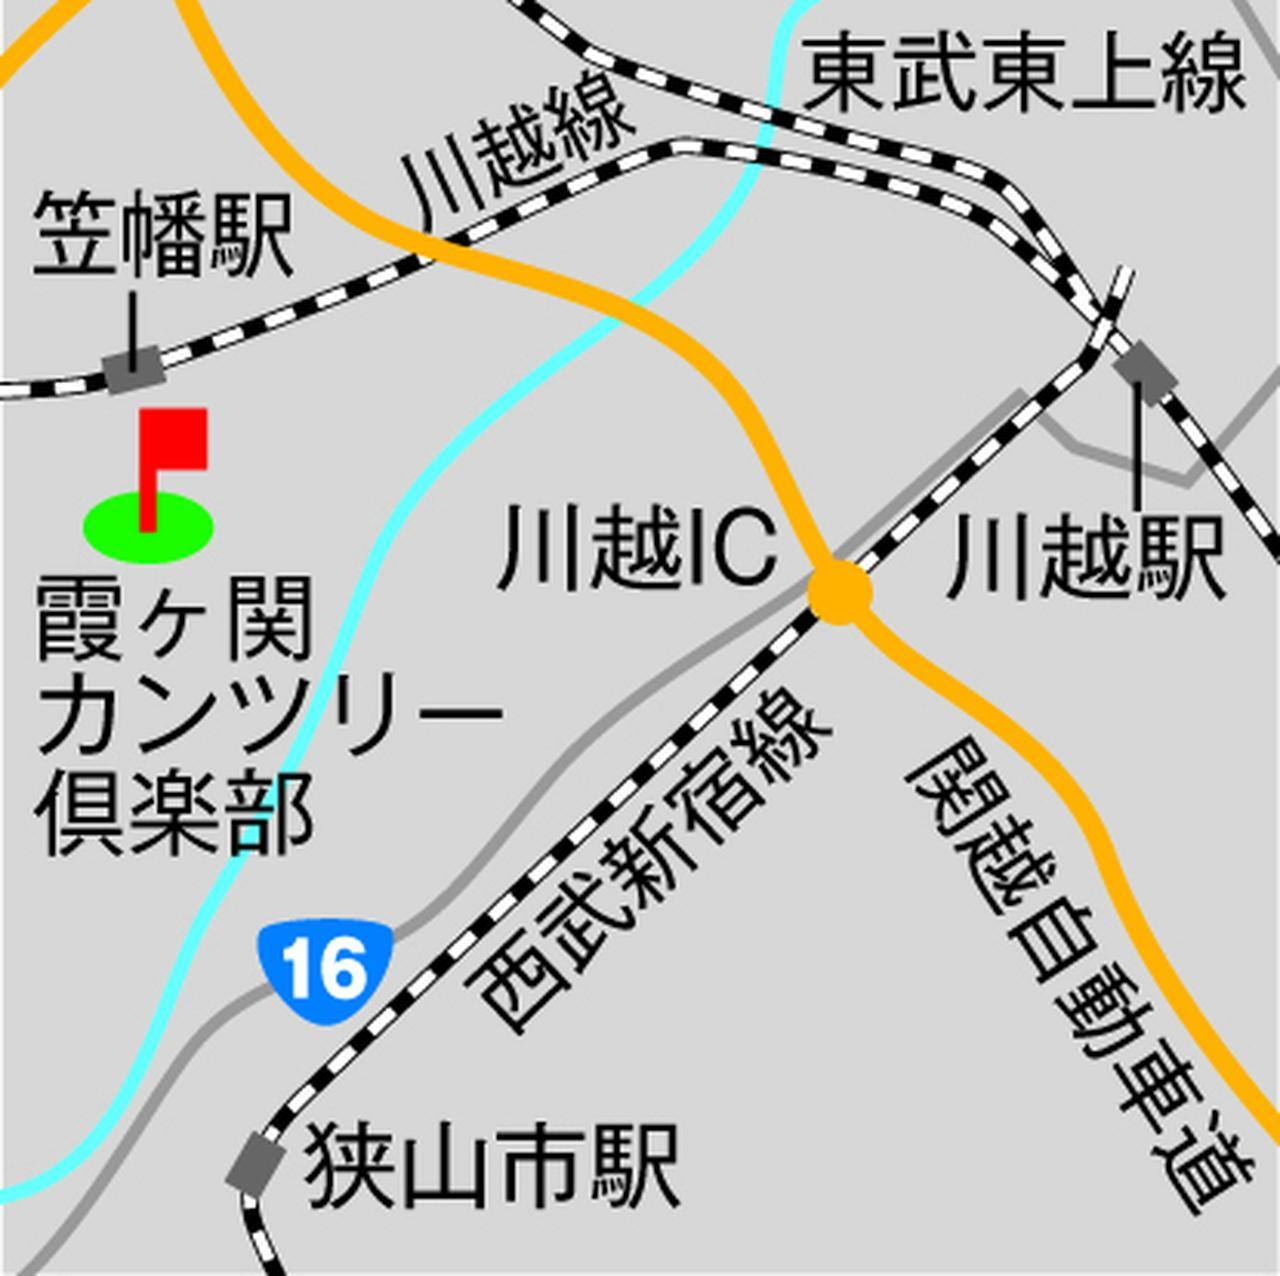 画像: 【アクセス】 圏央道・県央鶴ヶ島ICより約5キロ 【電車】 西武新宿線・狭山市駅より約15分